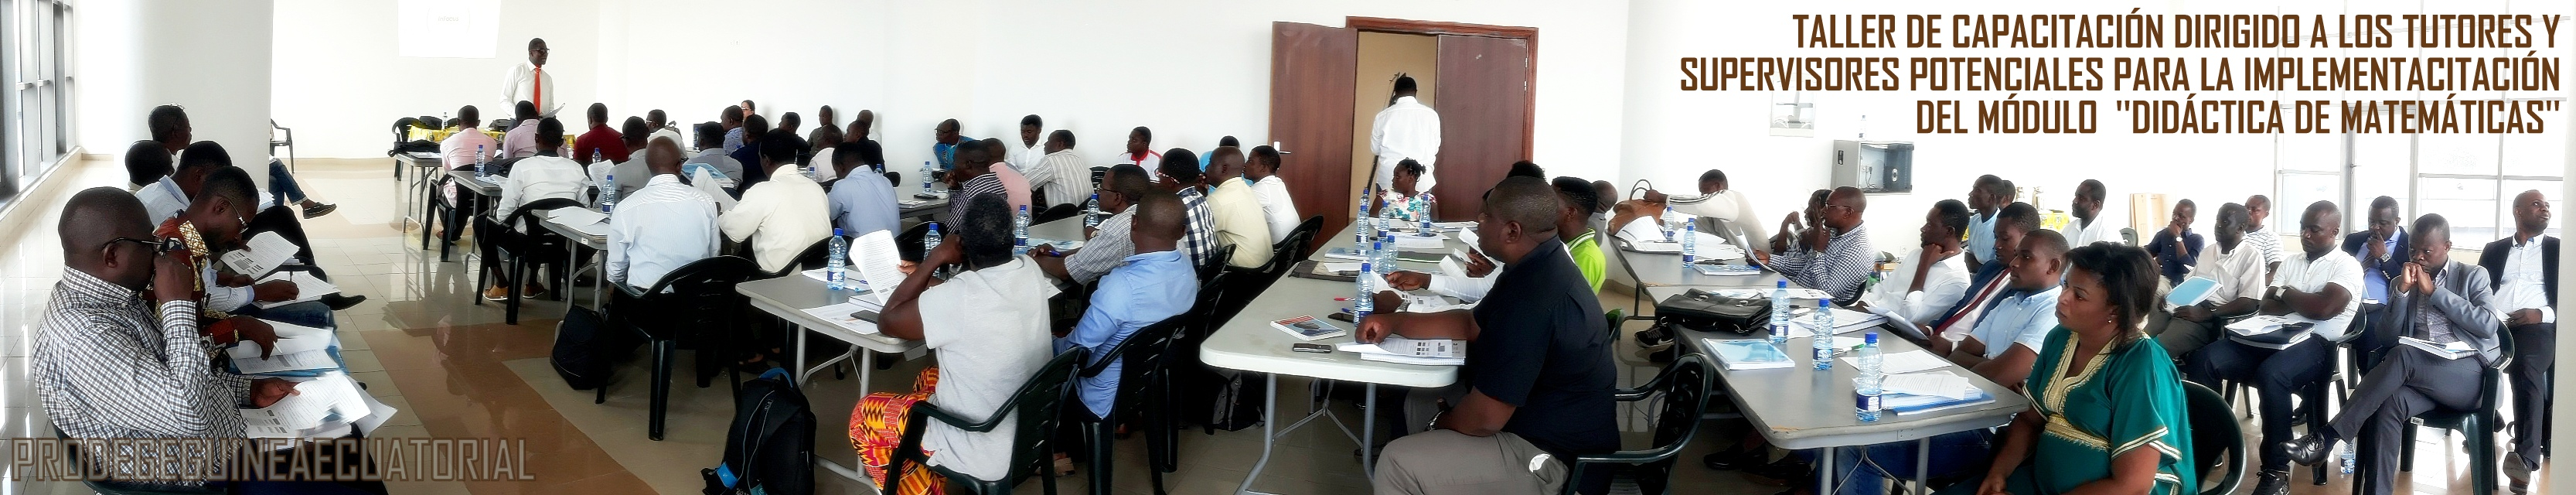 Reanudación de las clases del Curso de Formación hacia la Acreditación con el Módulo de Didáctica de las Matemáticas en Preescolar y Primaria.